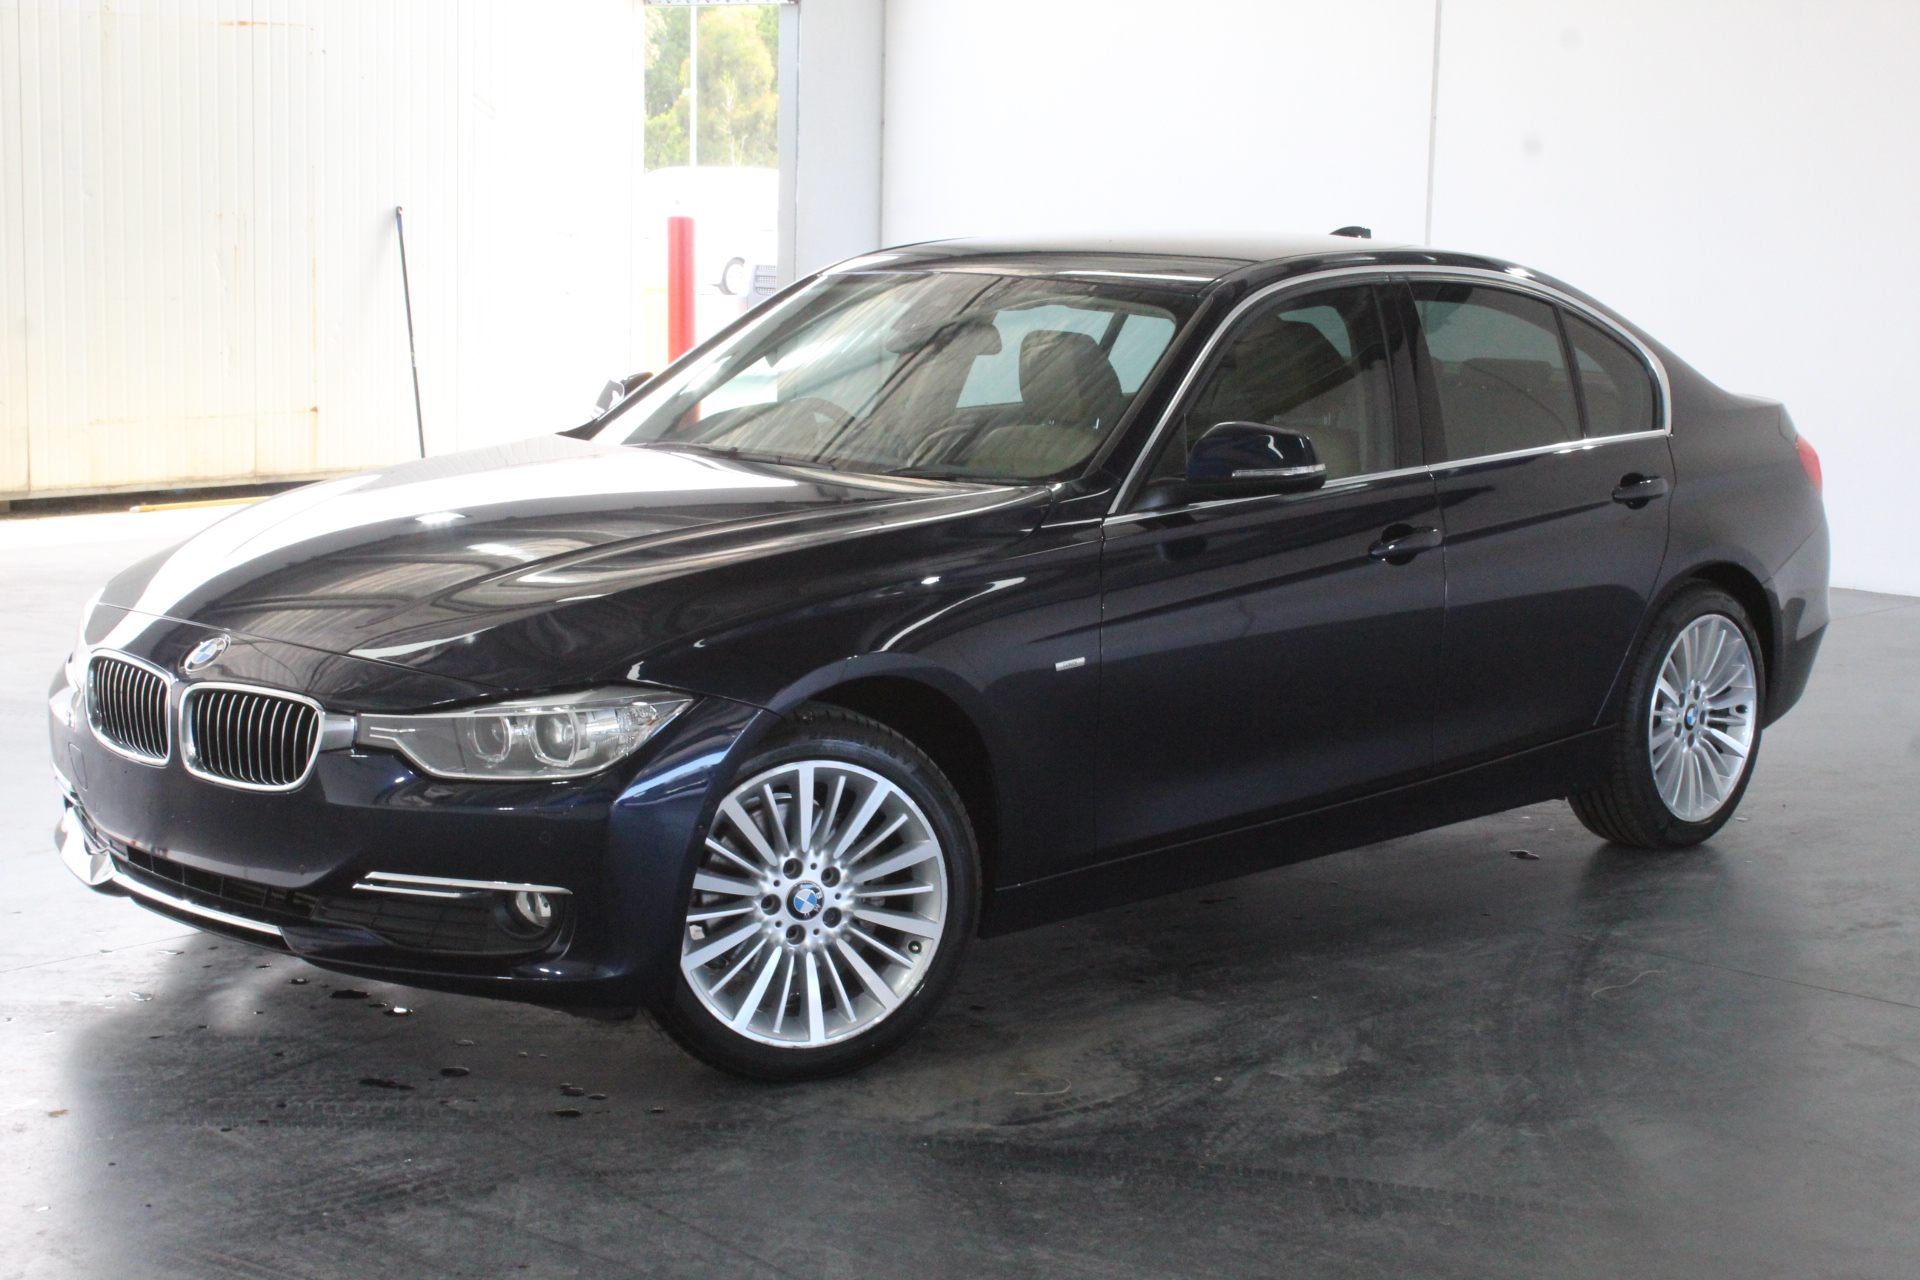 2014 BMW 3 Series 320d F30 Turbo Diesel Automatic - 8 Speed